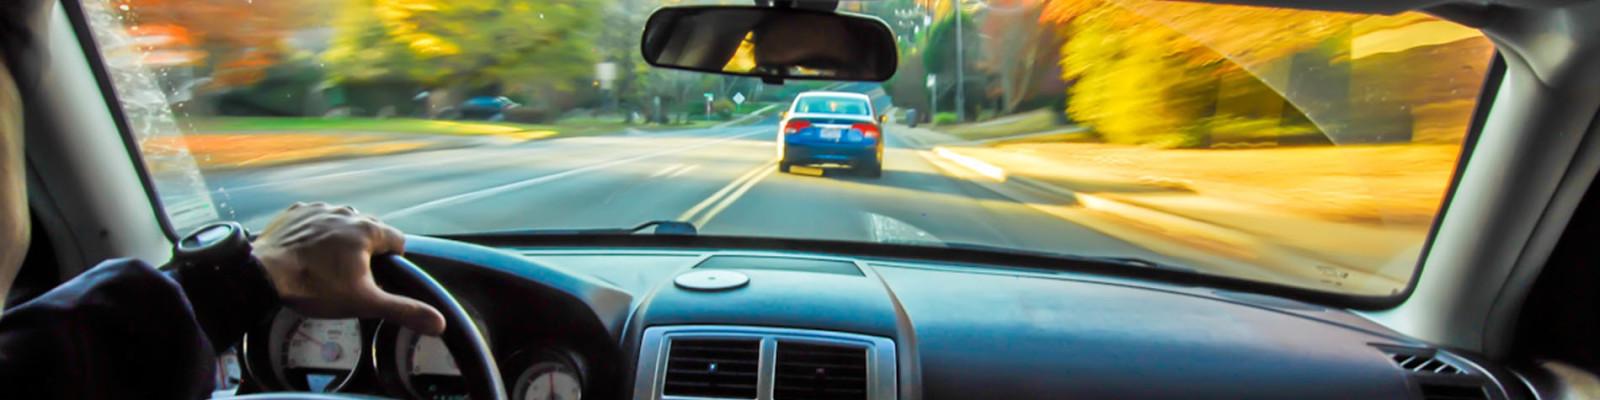 Badania psychologiczne kierowców skierowanych przez policję z powodu nietrzeźwości, przekrodzenia 24pkt. kranych oraz będących sprawcami wypadku drogowego